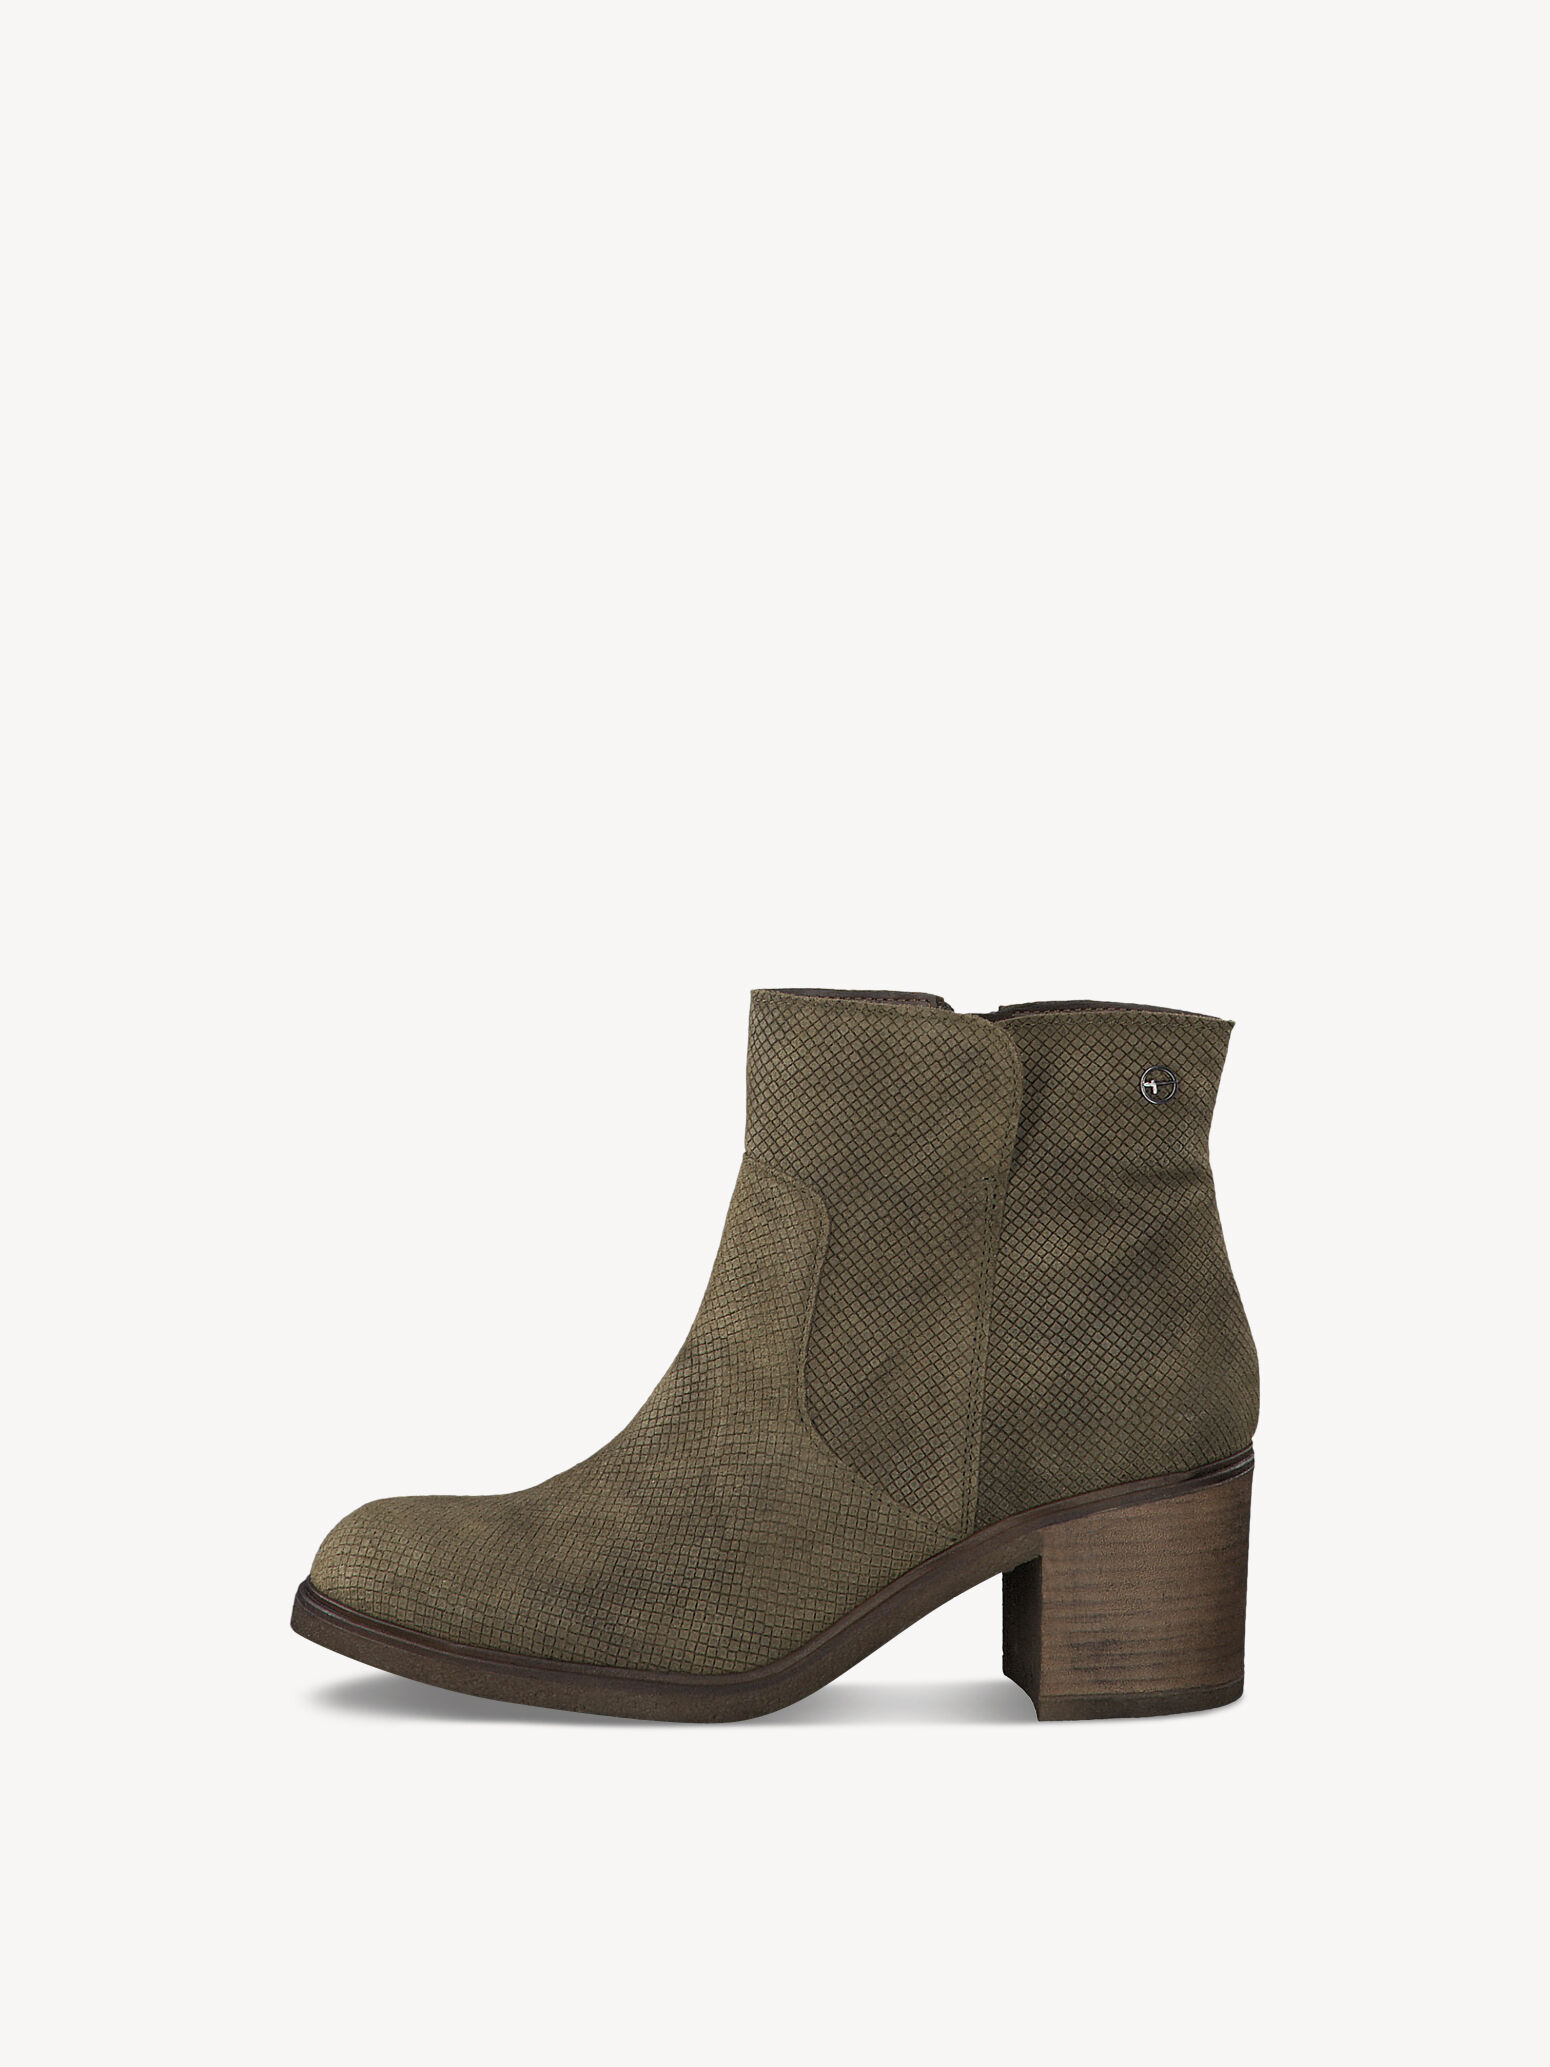 Ankle Boots von Tamaris online kaufen